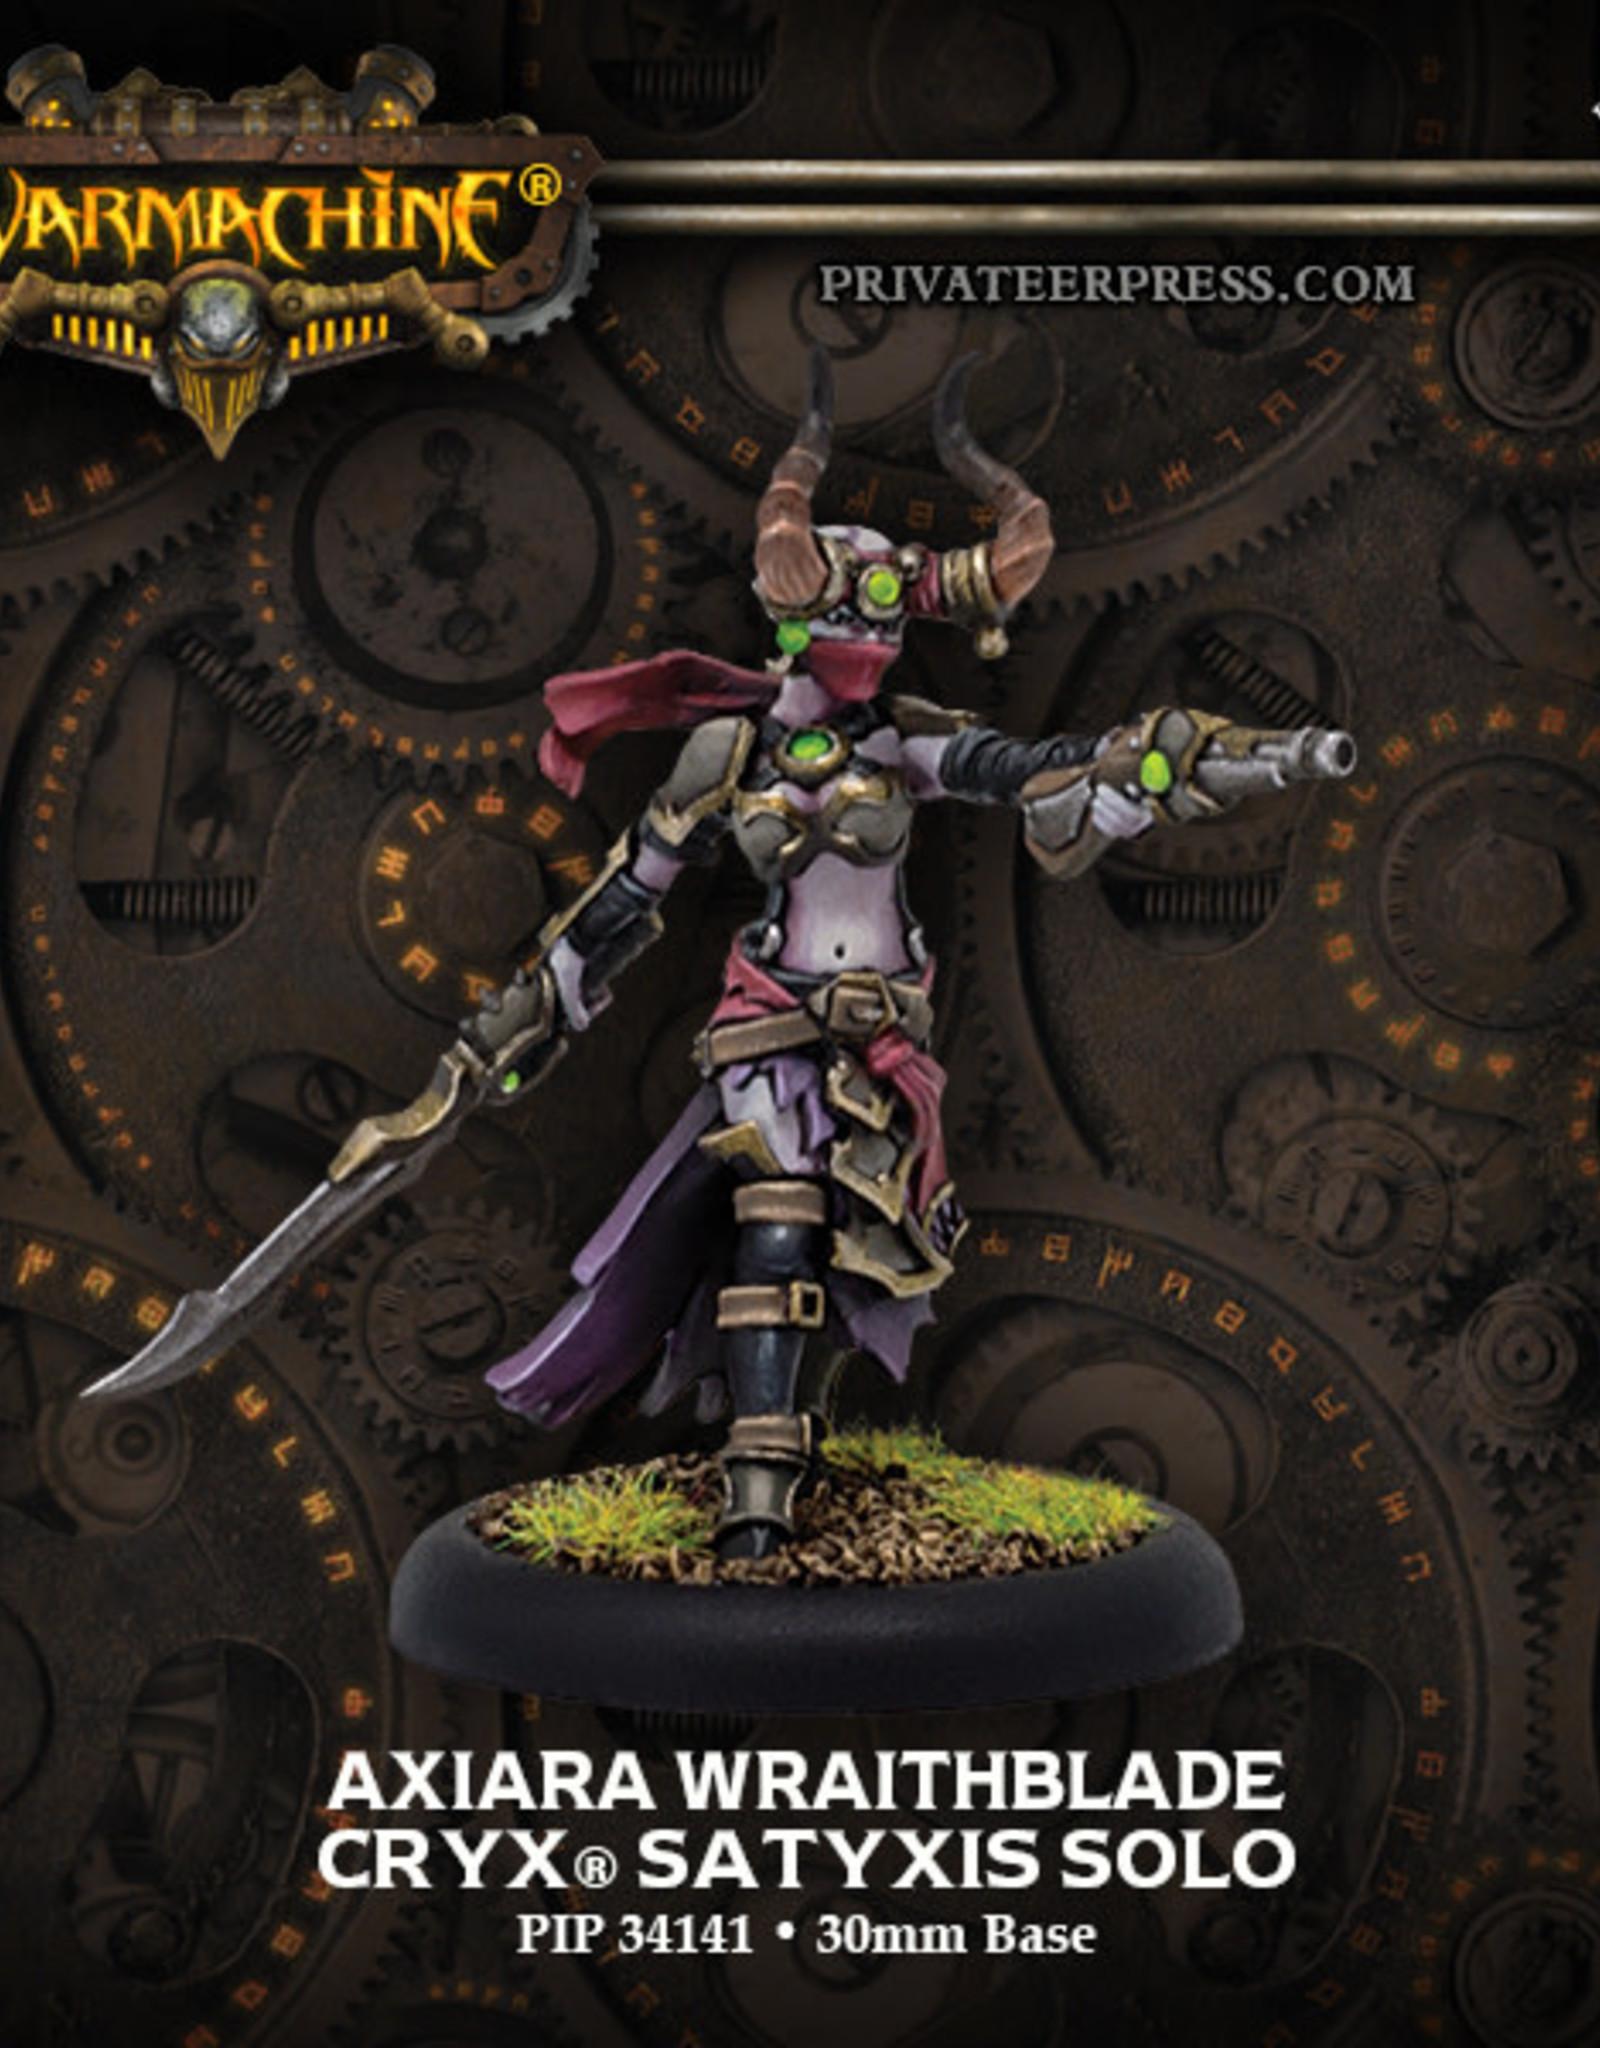 Warmachine Cryx - Axiara Wraithblade